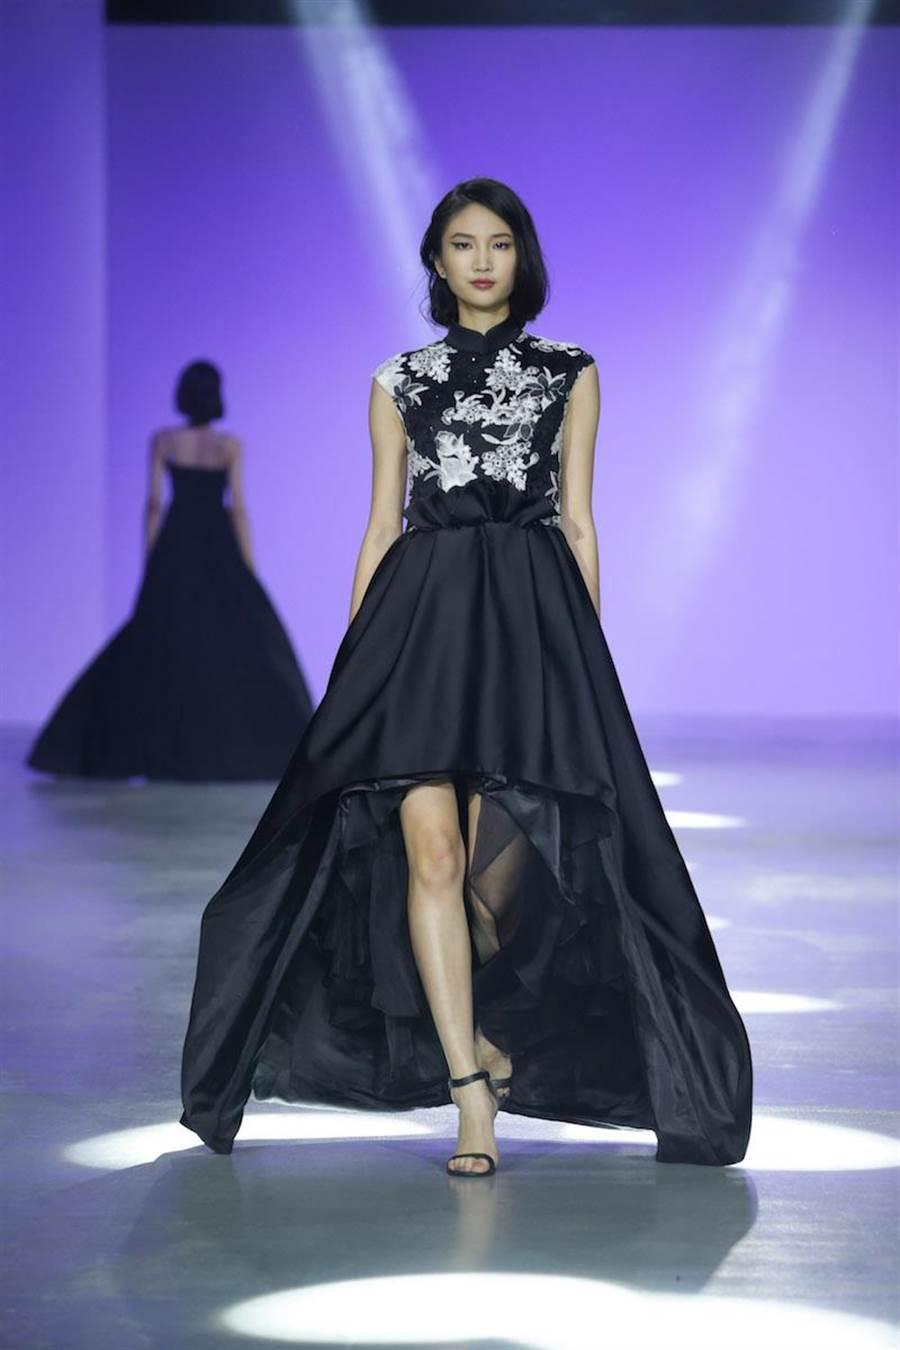 陳詠芯一襲帶有中國旗袍韻味的改良式洋裝,是Gioia Pan對老電影印象的復古懷舊 。(伊林提供)